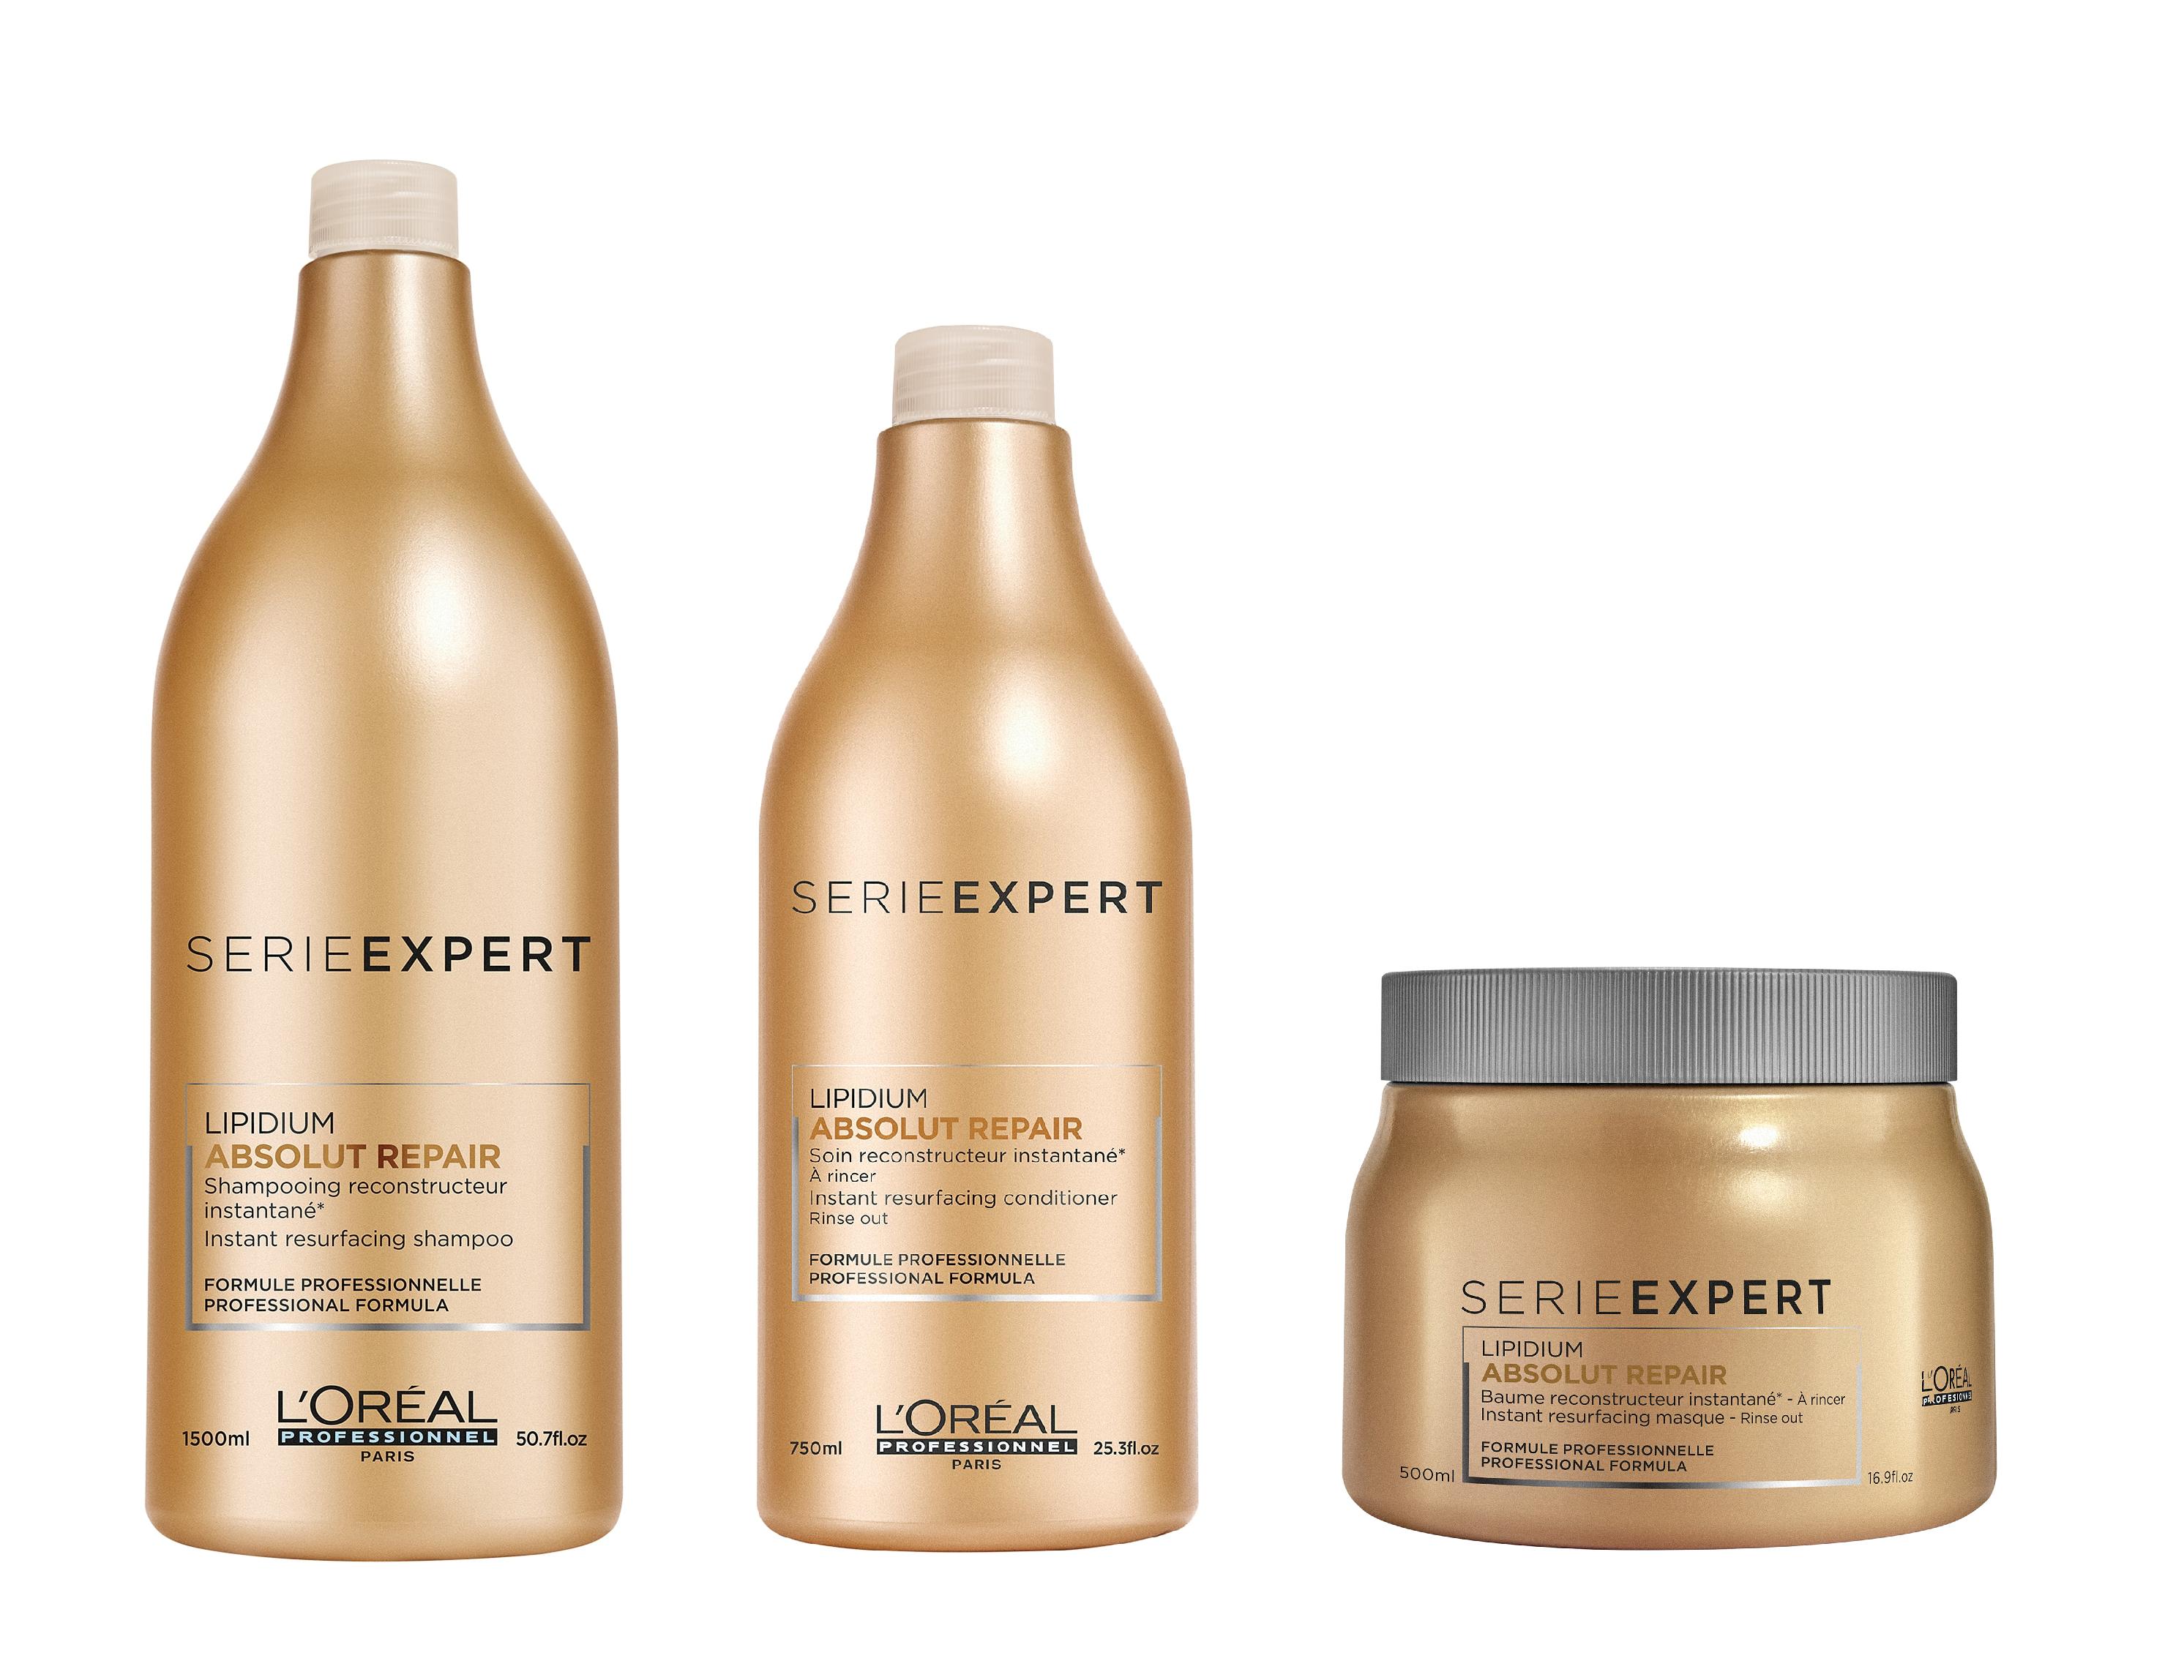 L Oreal Serie Expert Absolut Repair Lipidium Shampoo